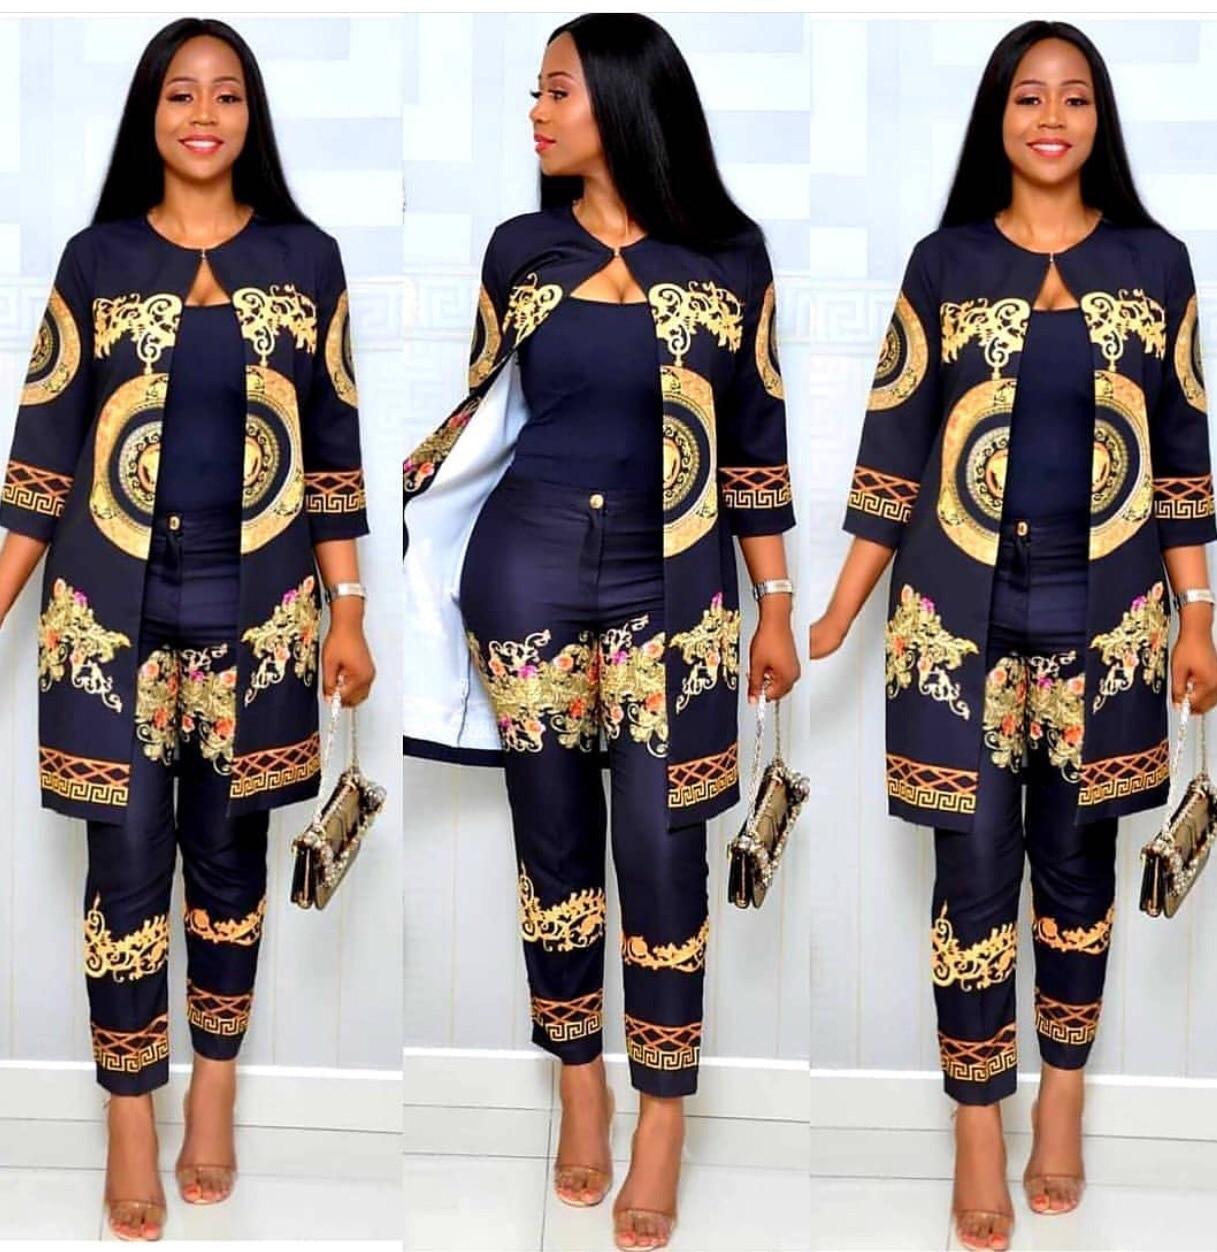 Женский брючный костюм Bazin, эластичные длинные брюки в стиле рока с принтом в африканском стиле, офисный костюм из 2 предметов с леггинсами, весна 2019|Африканская одежда|   | АлиЭкспресс